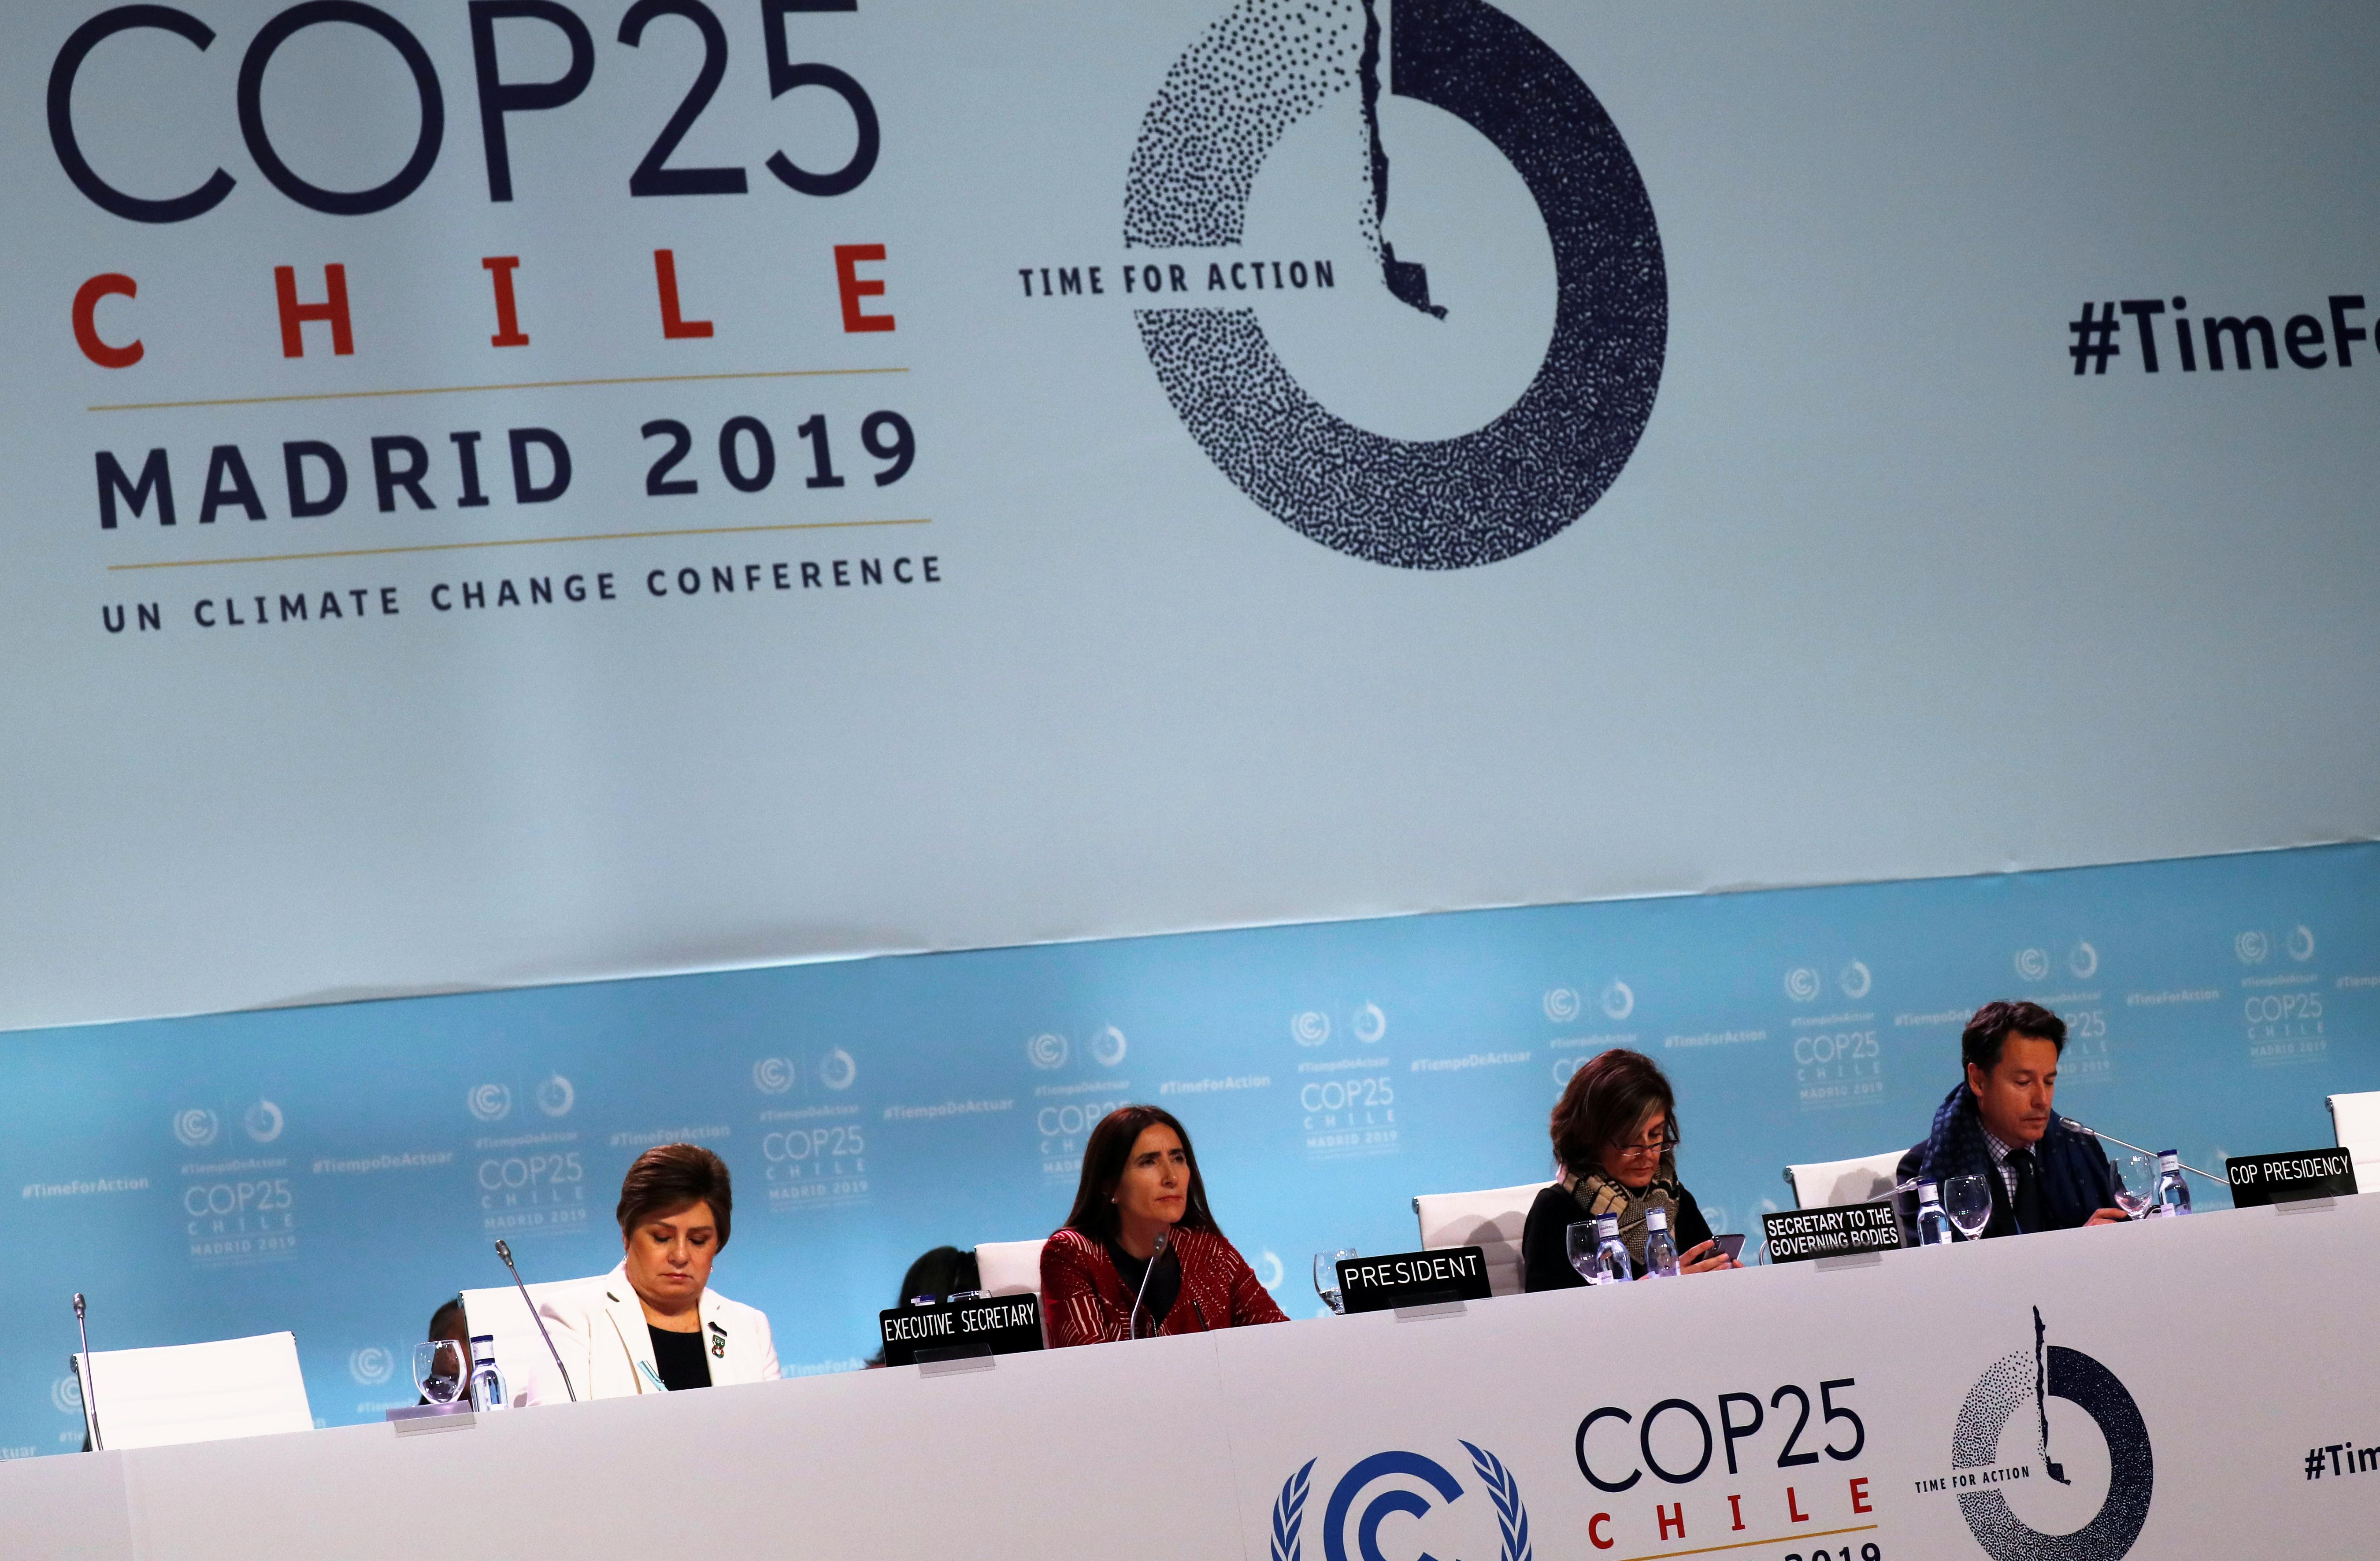 Εξαντλητικές διαπραγματεύσεις για την κλιματική αλλαγή αλλά… αχνοφαίνεται η αποτυχία συμφωνίας [pics]